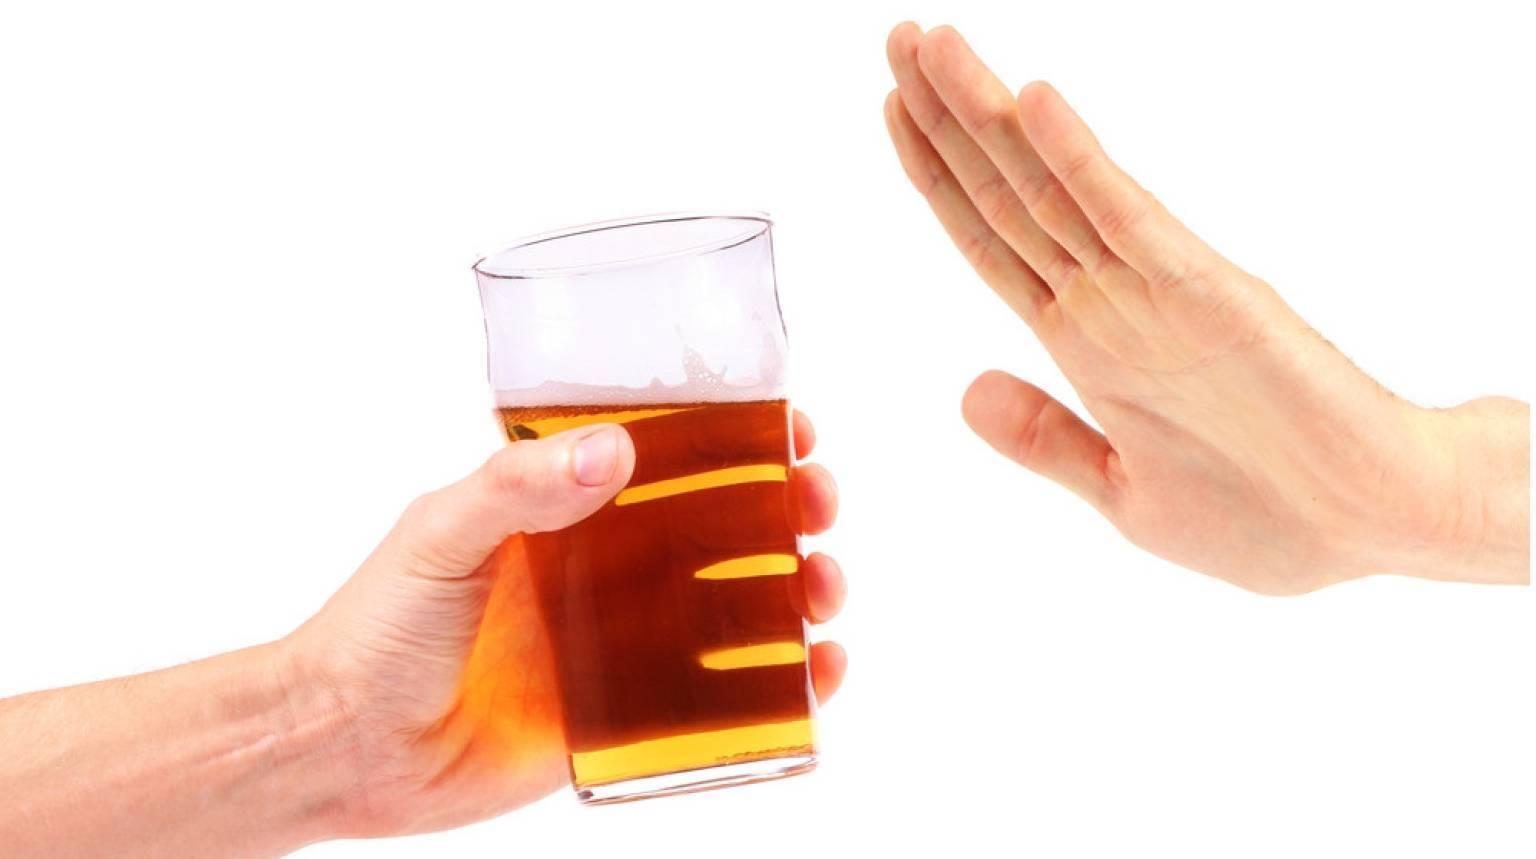 Может ли алкоголь спровоцировать цистит и чем вреден во время болезни